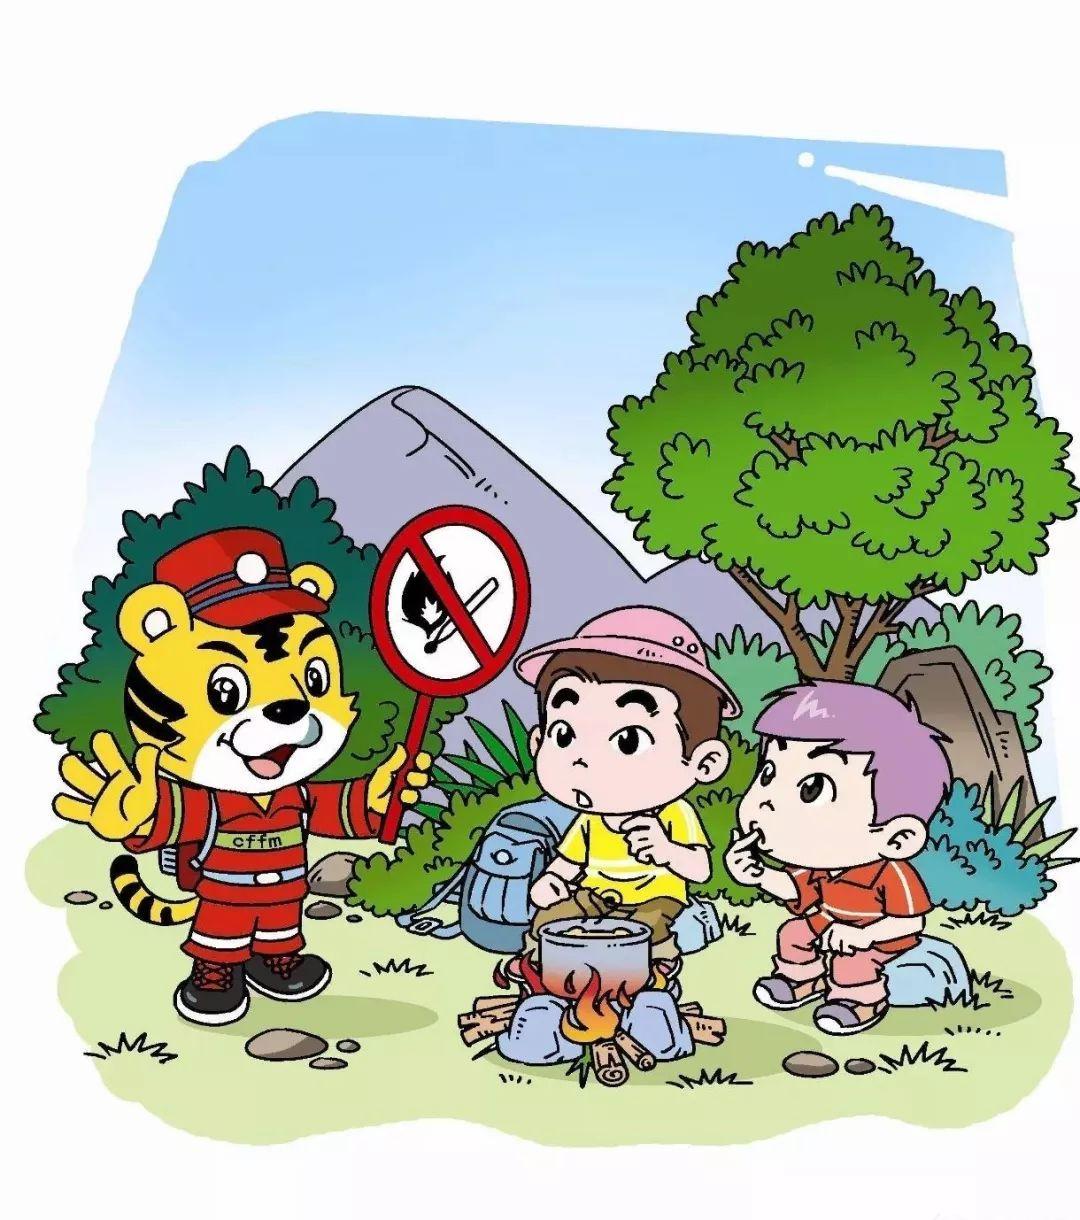 多地发生森林火灾 请注意防火 防火 防火